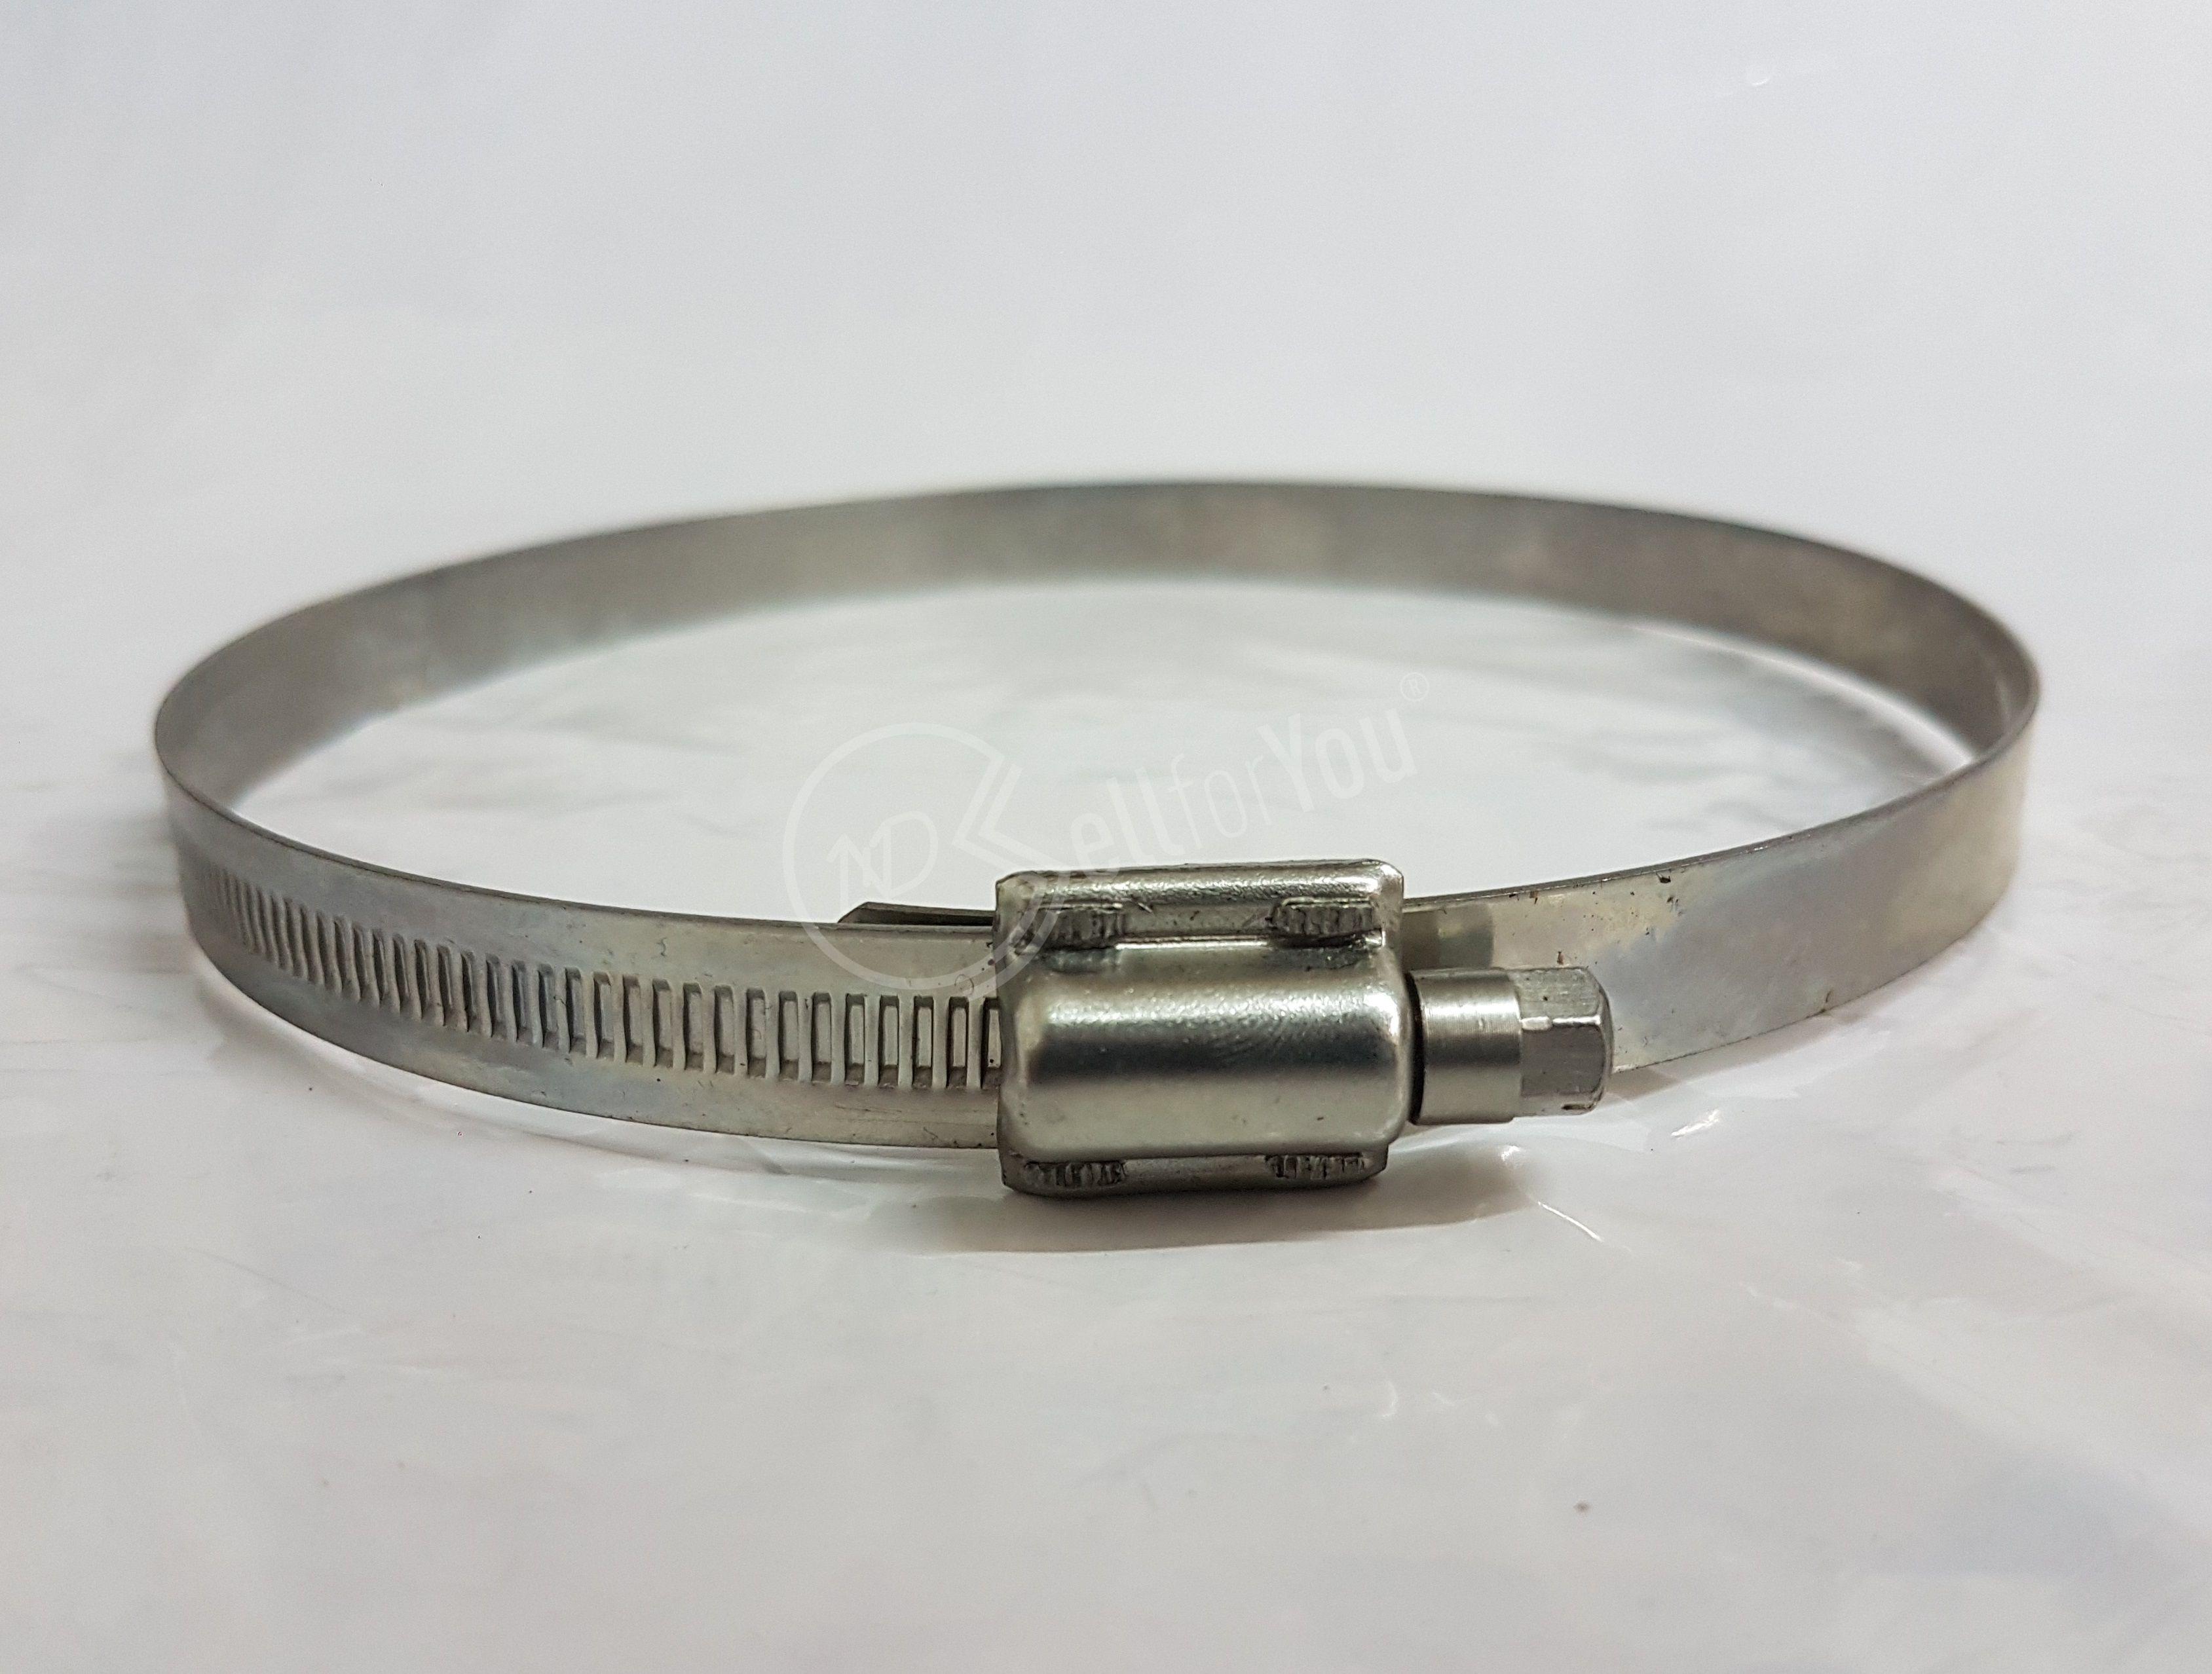 sellforyou immagine default articolo correlato non trovatoFascetta in acciaio inox 961677 per soffietto Volvo Penta